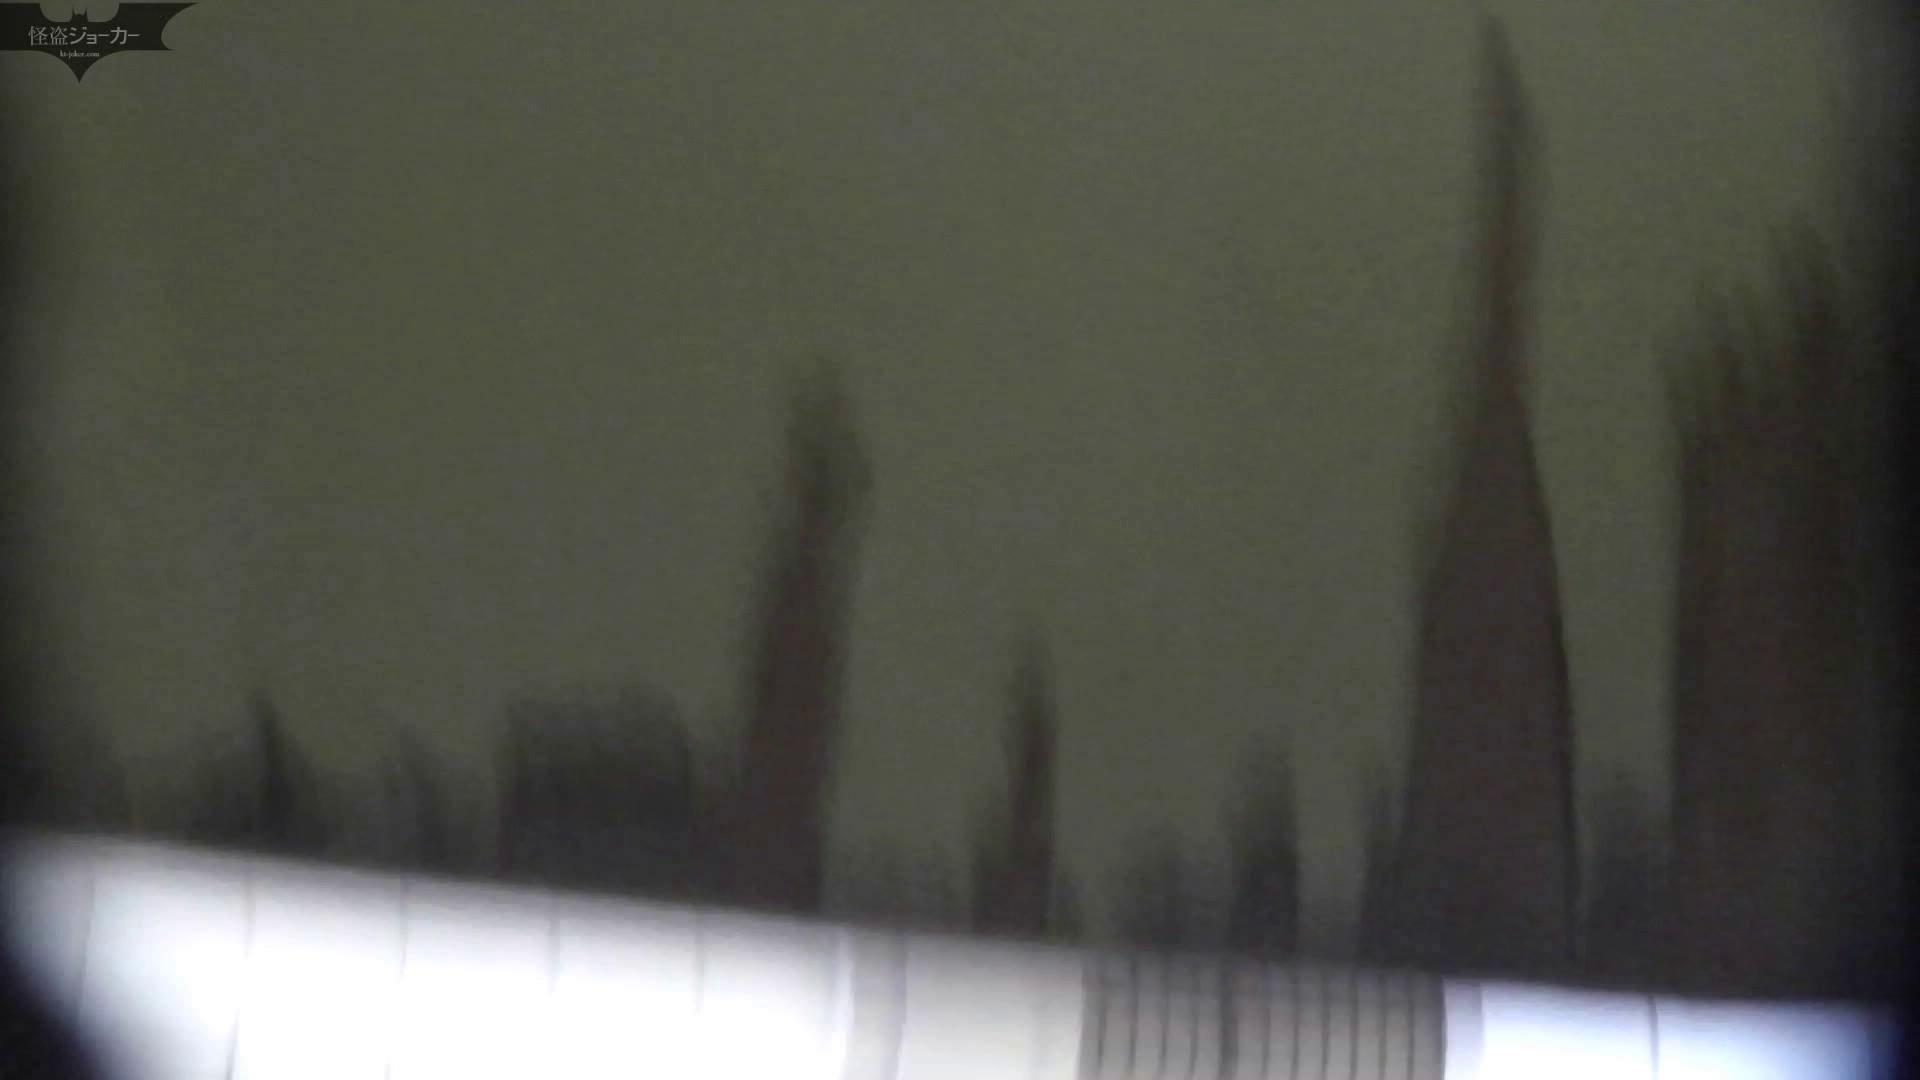 洗面所特攻隊 vol.050 特攻無毛地帯!! 洗面所 おまんこ動画流出 85画像 60